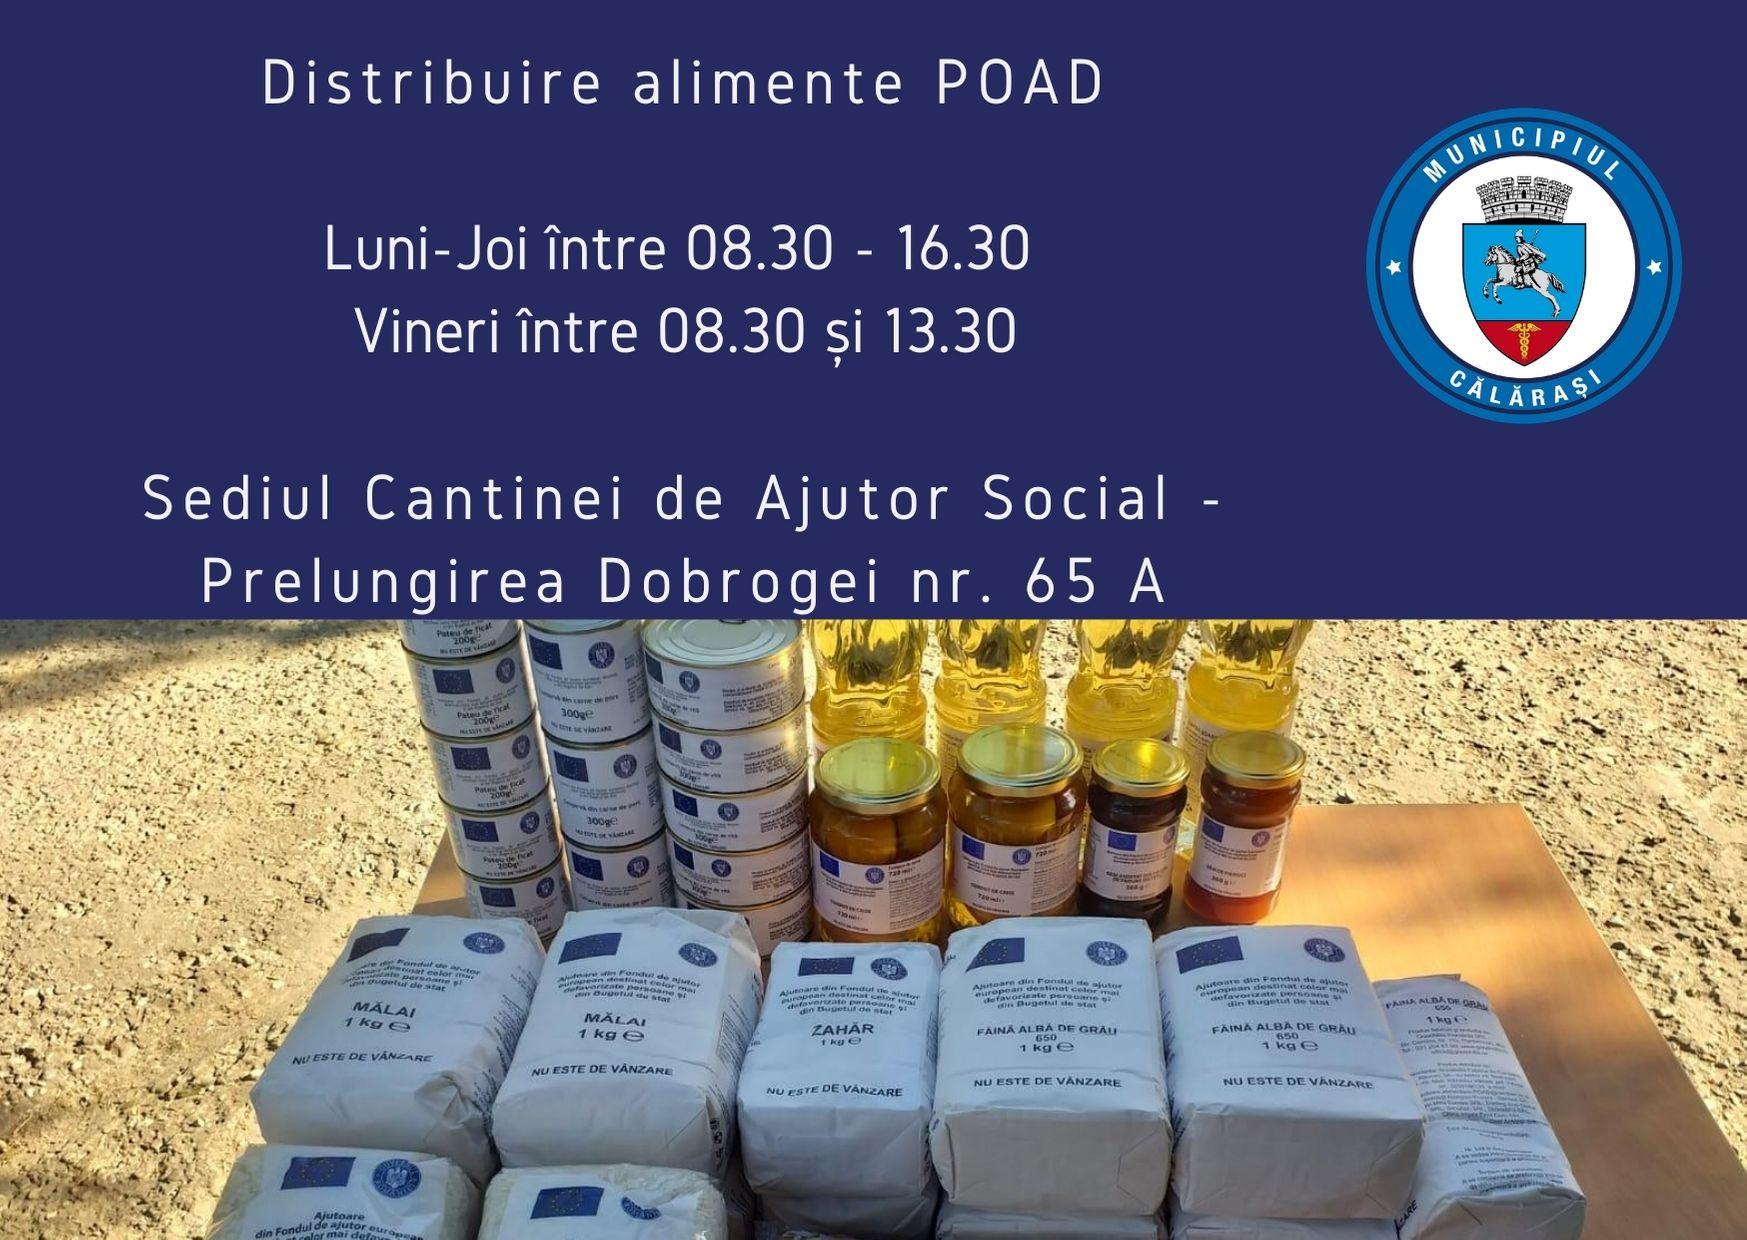 Direcția de Asistență Socială Călărași distribuie la sediul Cantinei de Ajutor Socială produsele cu ajutoare alimentare